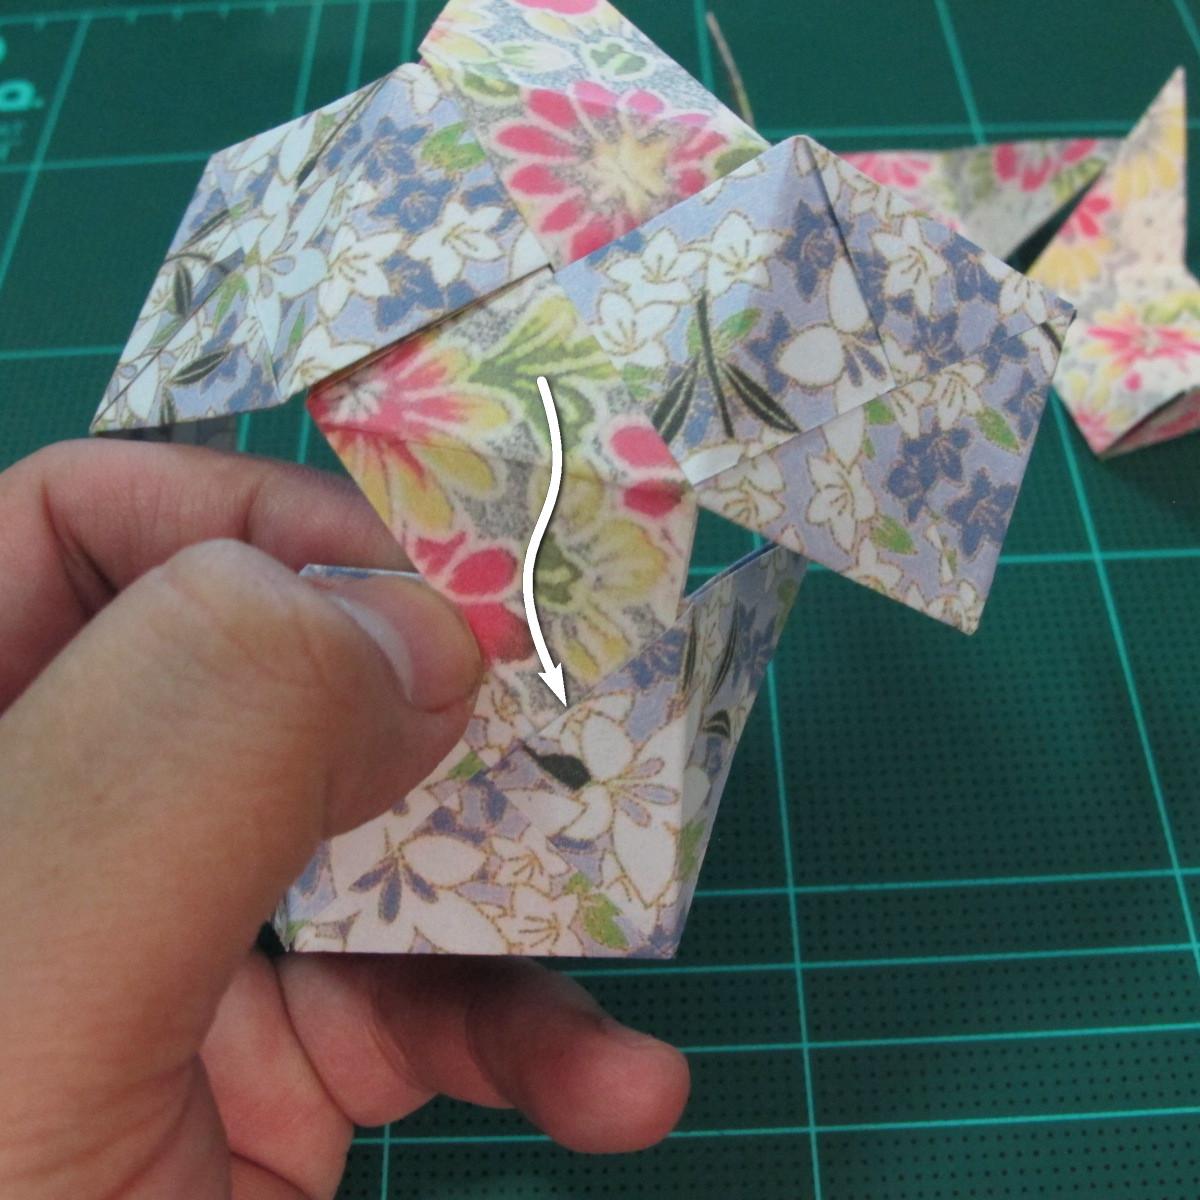 การพับกระดาษเป็นรูปเรขาคณิตทรงลูกบาศก์แบบแยกชิ้นประกอบ (Modular Origami Cube) 023